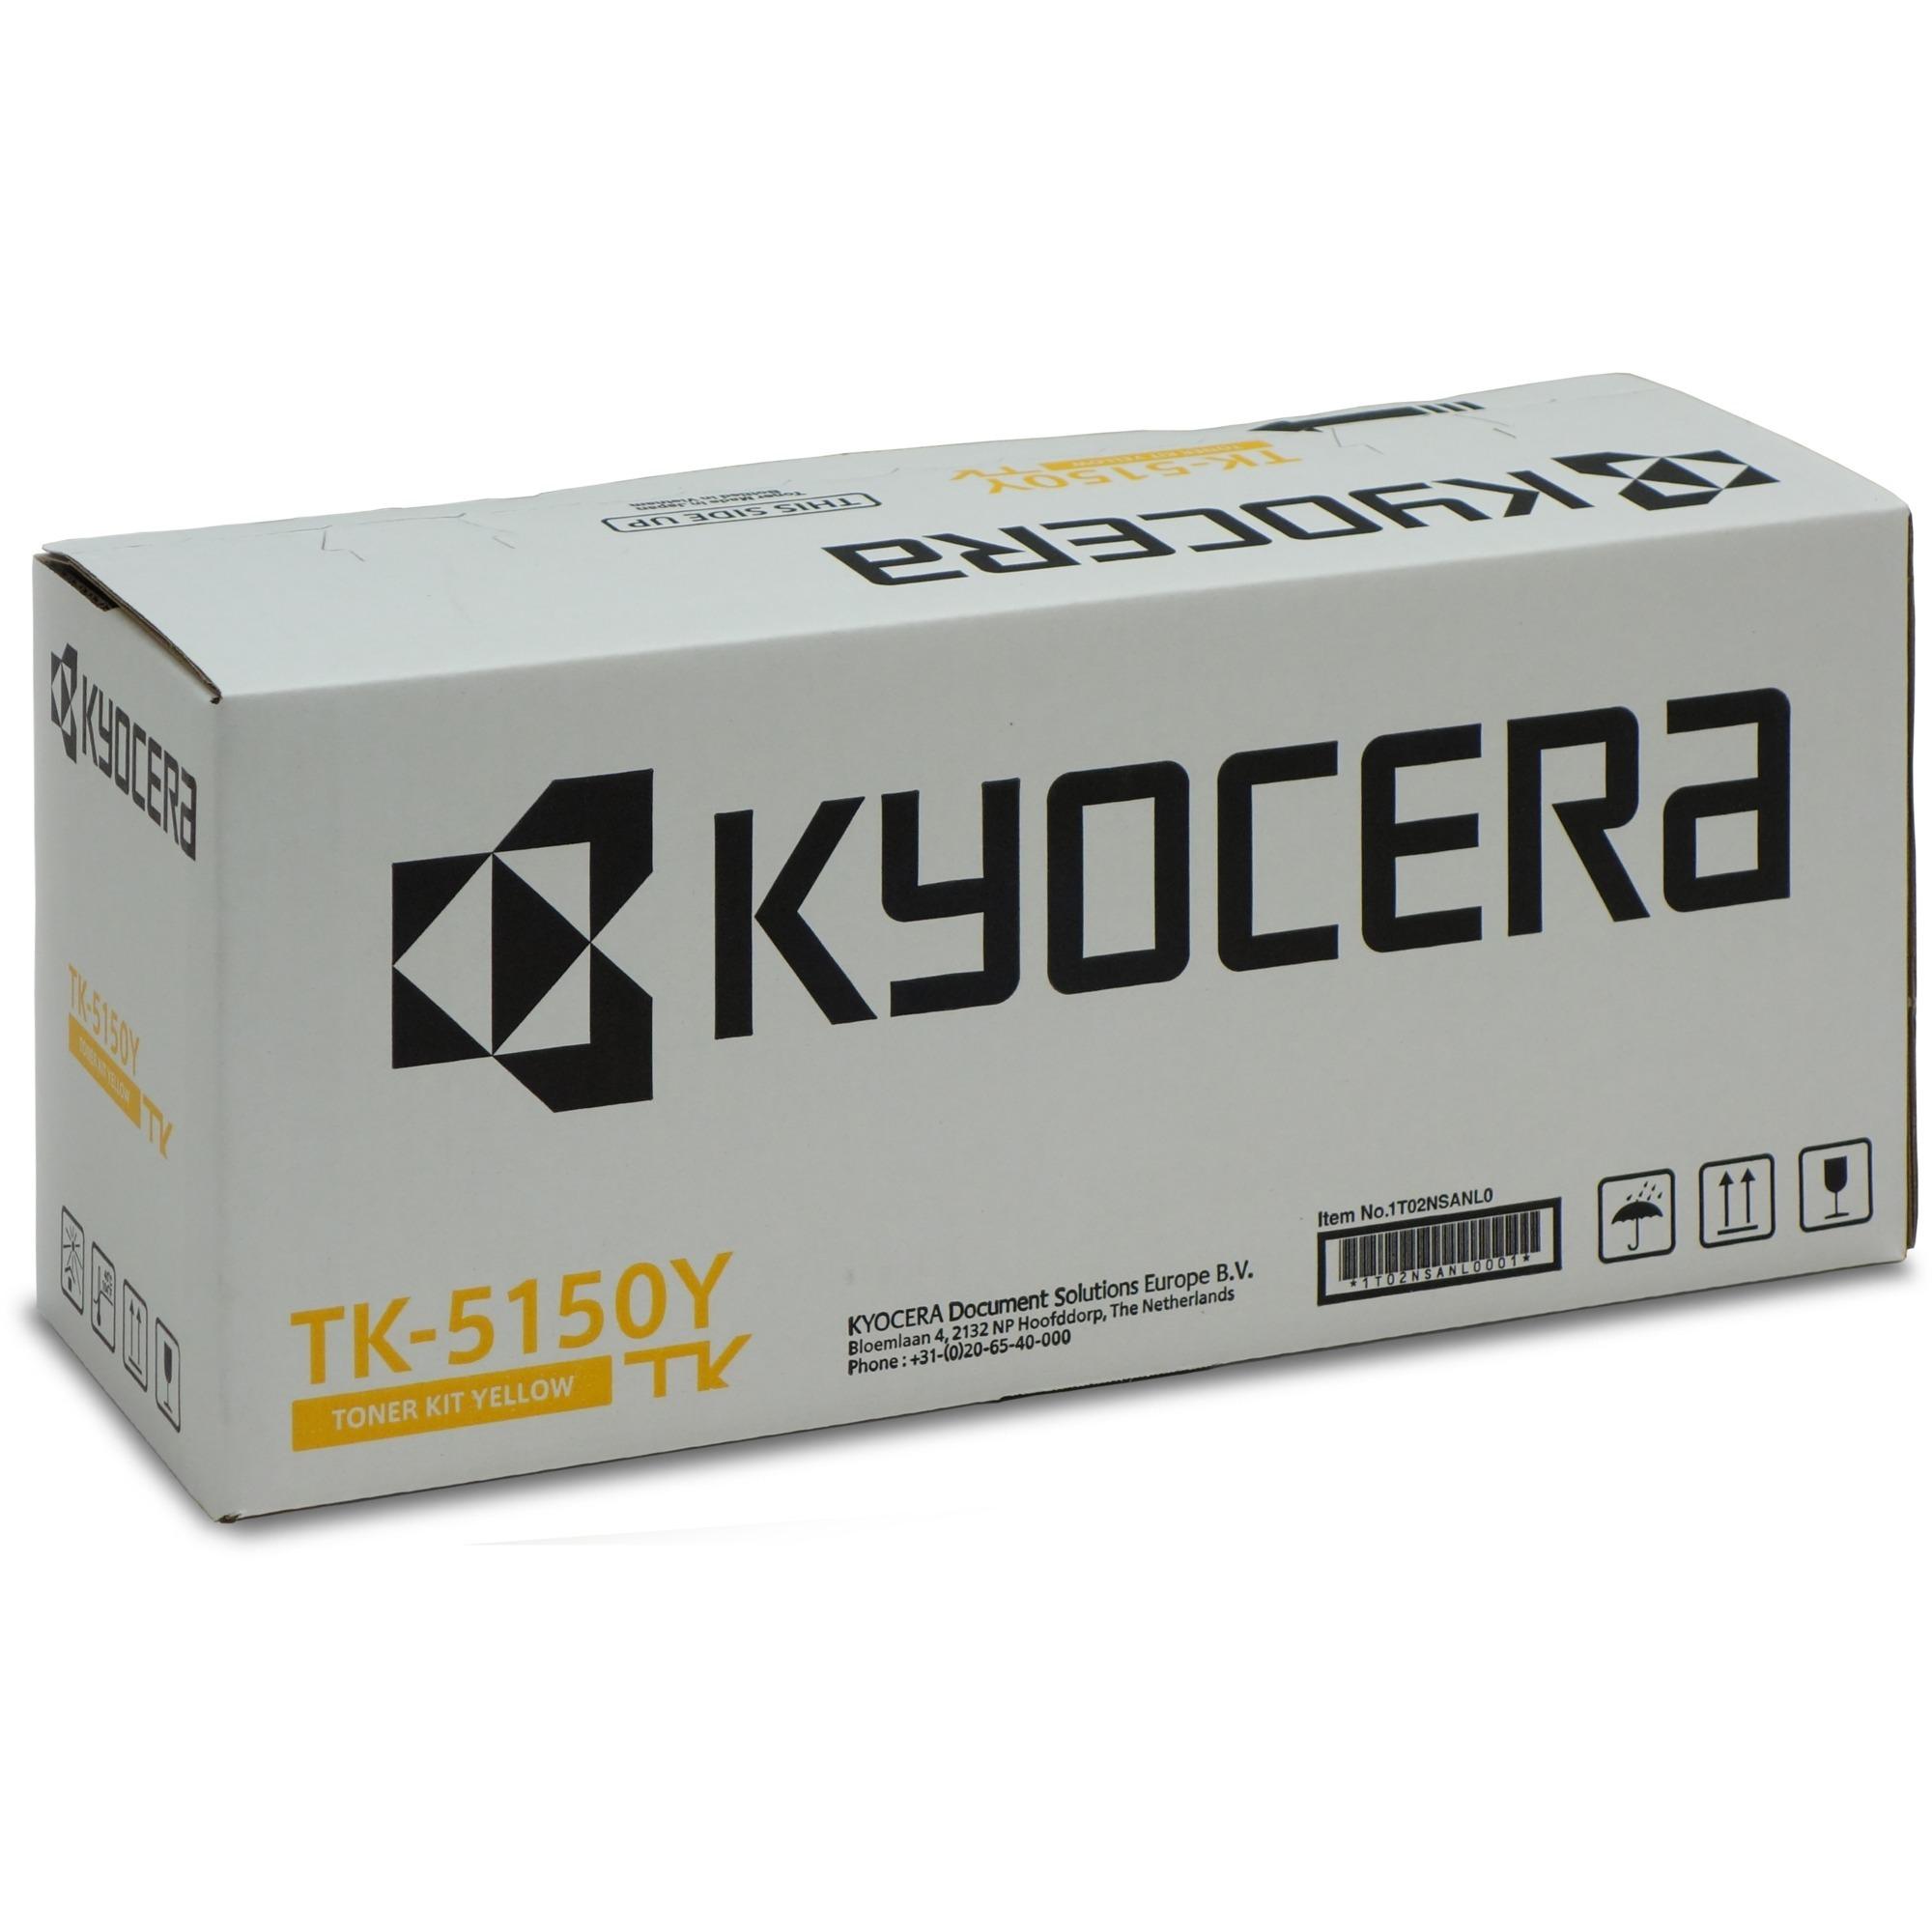 tk-5150y